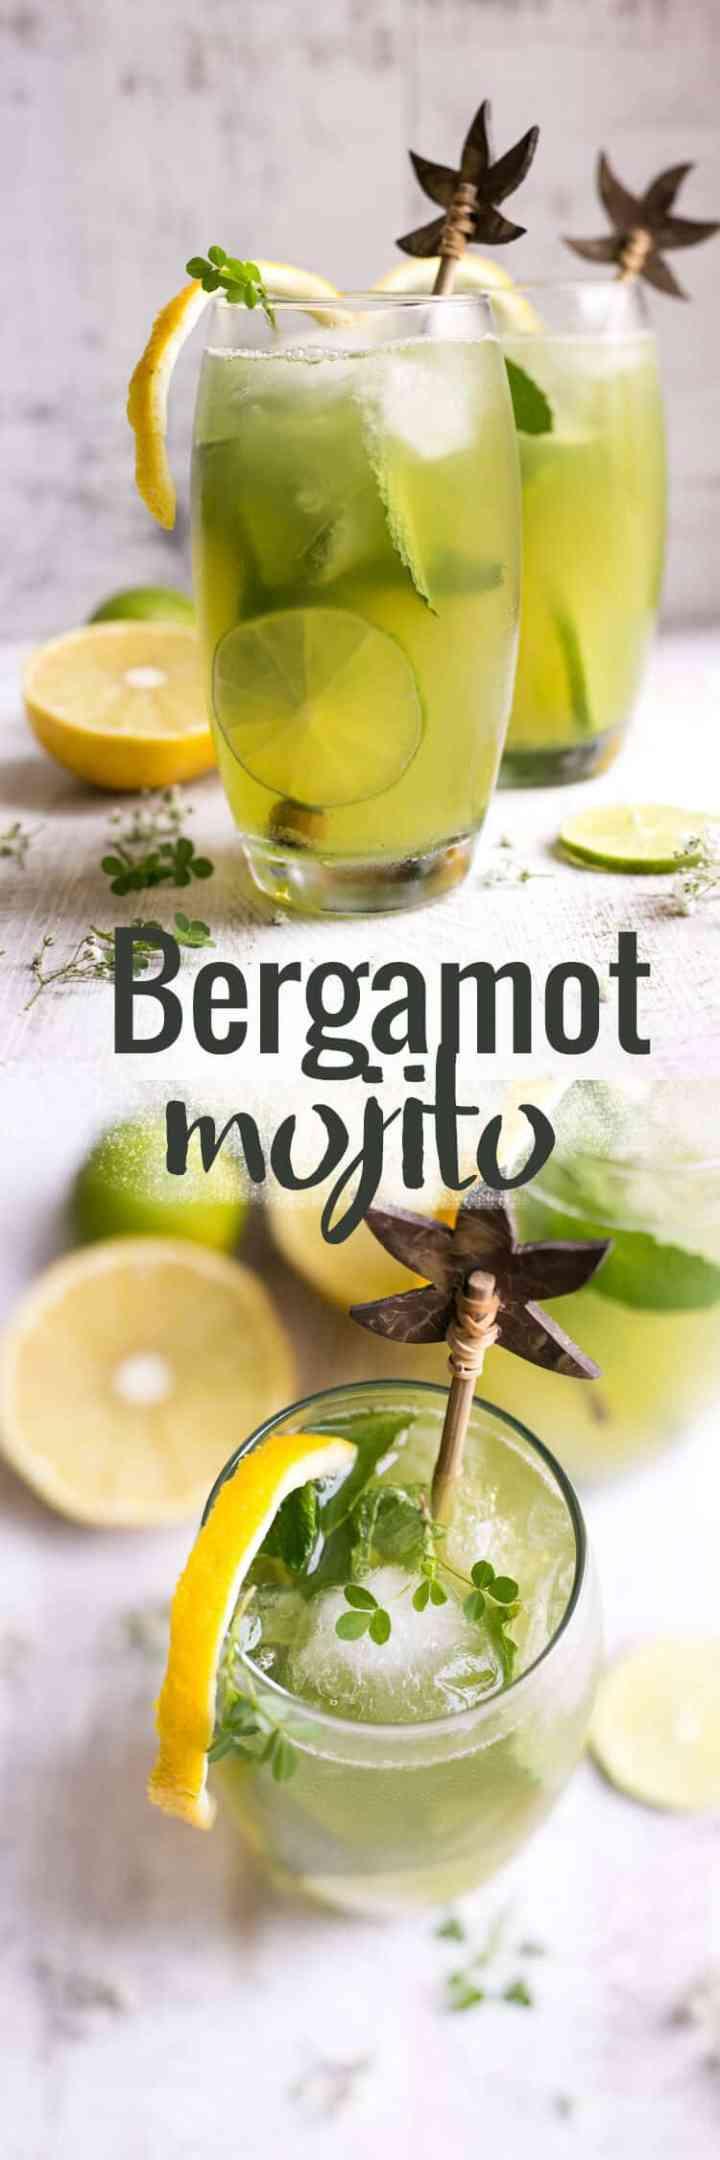 Beautifully fragrant bergamot mojito with fresh mint and Sorrento lemons   via @annabanana.co